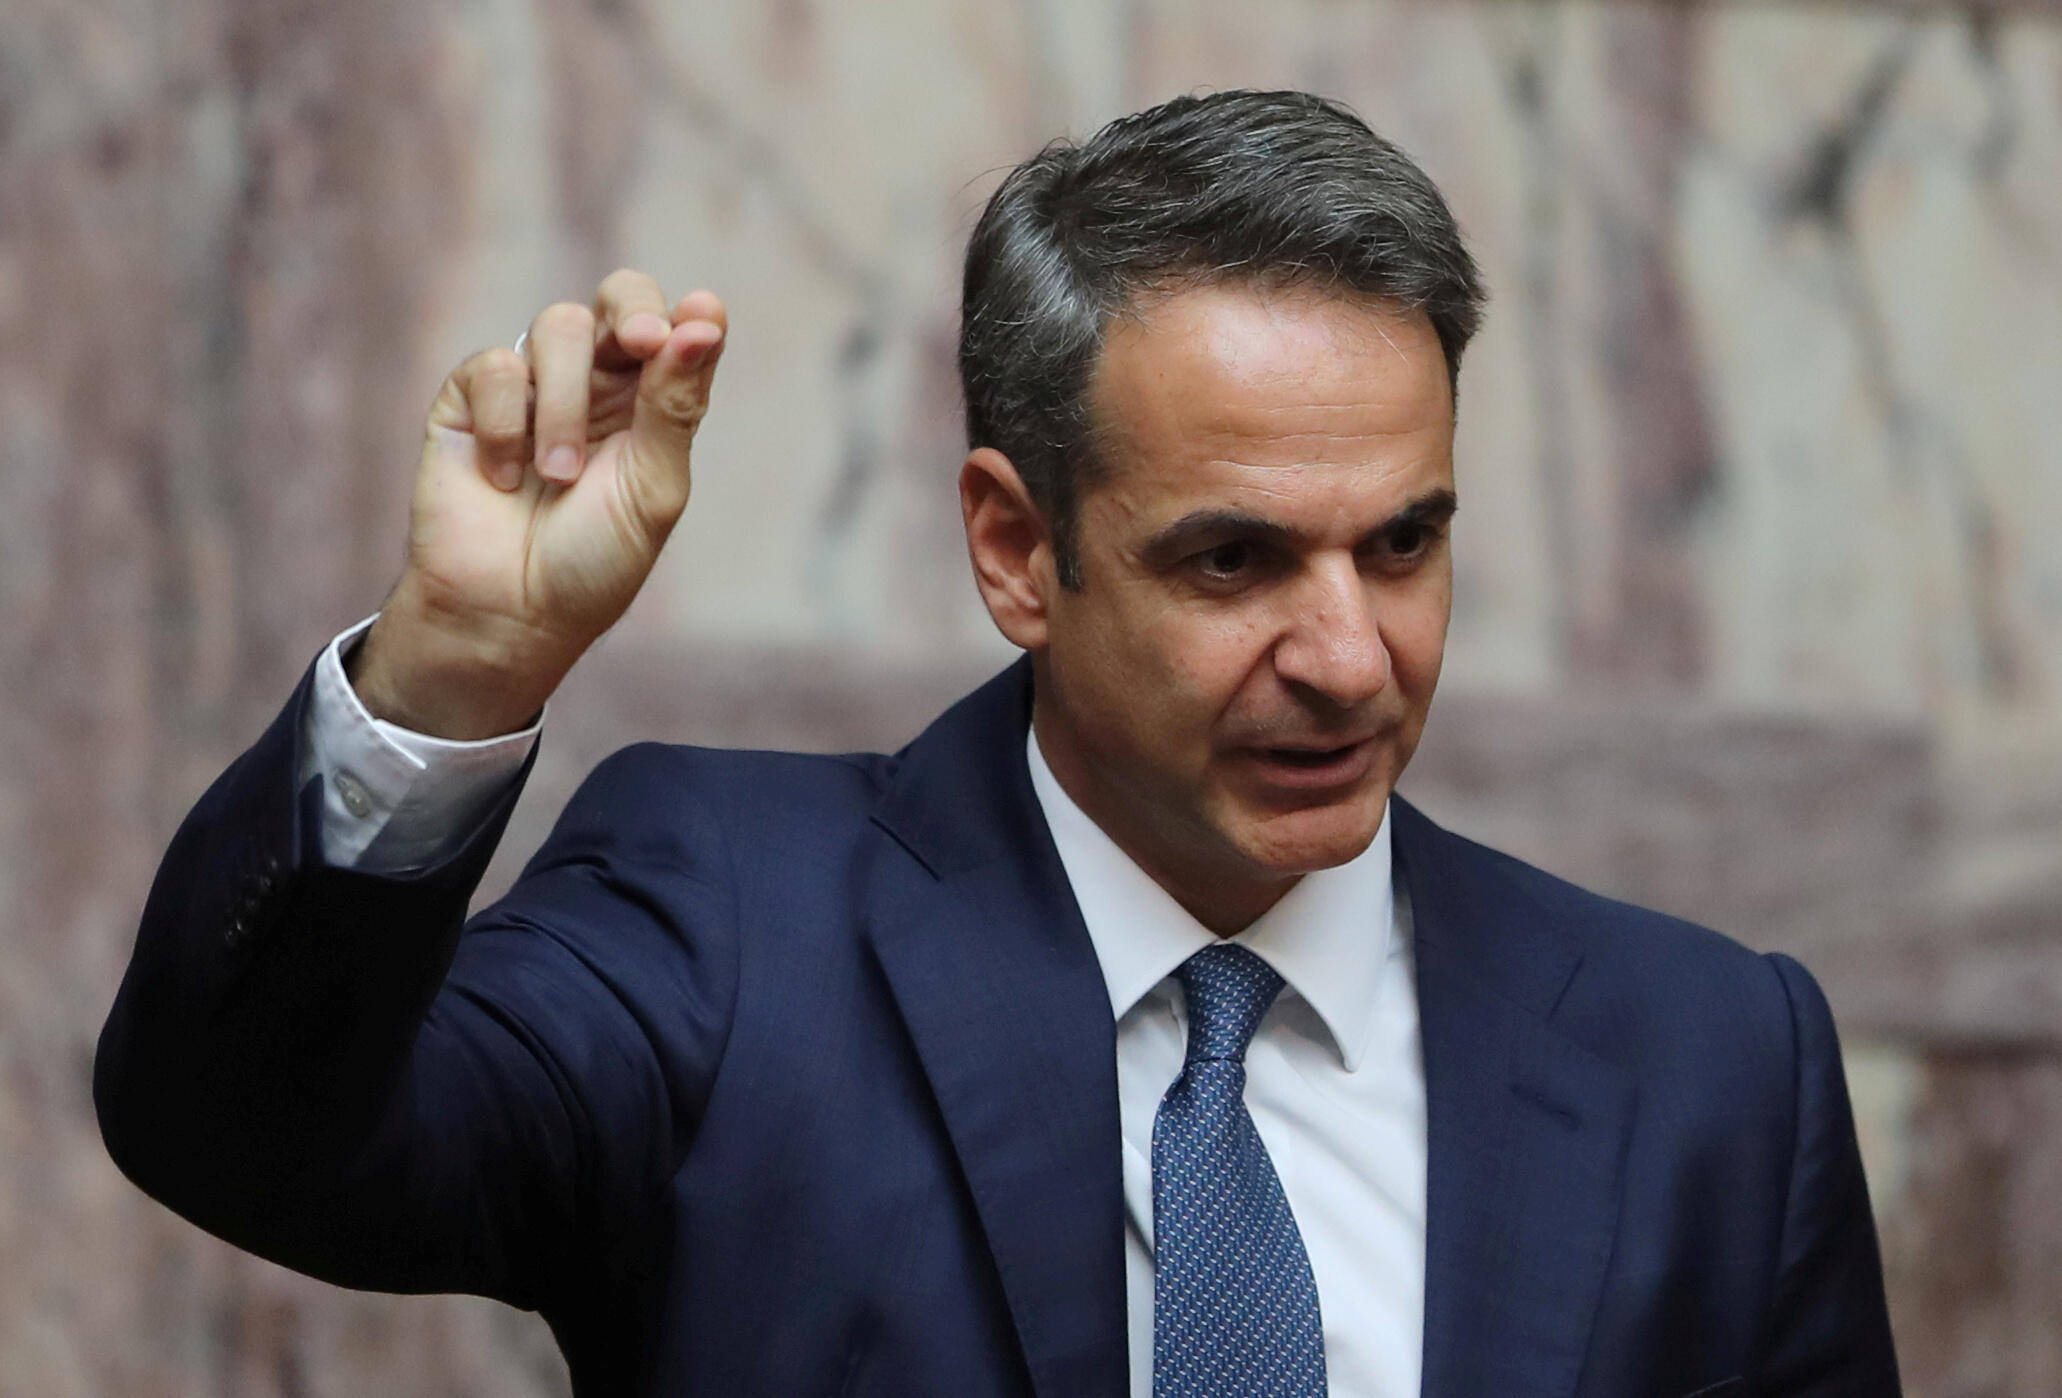 Le nouveau Premier ministre conservateur Kyriakos Mitsotakis, vainqueur des législatives du 7 juillet 2019.